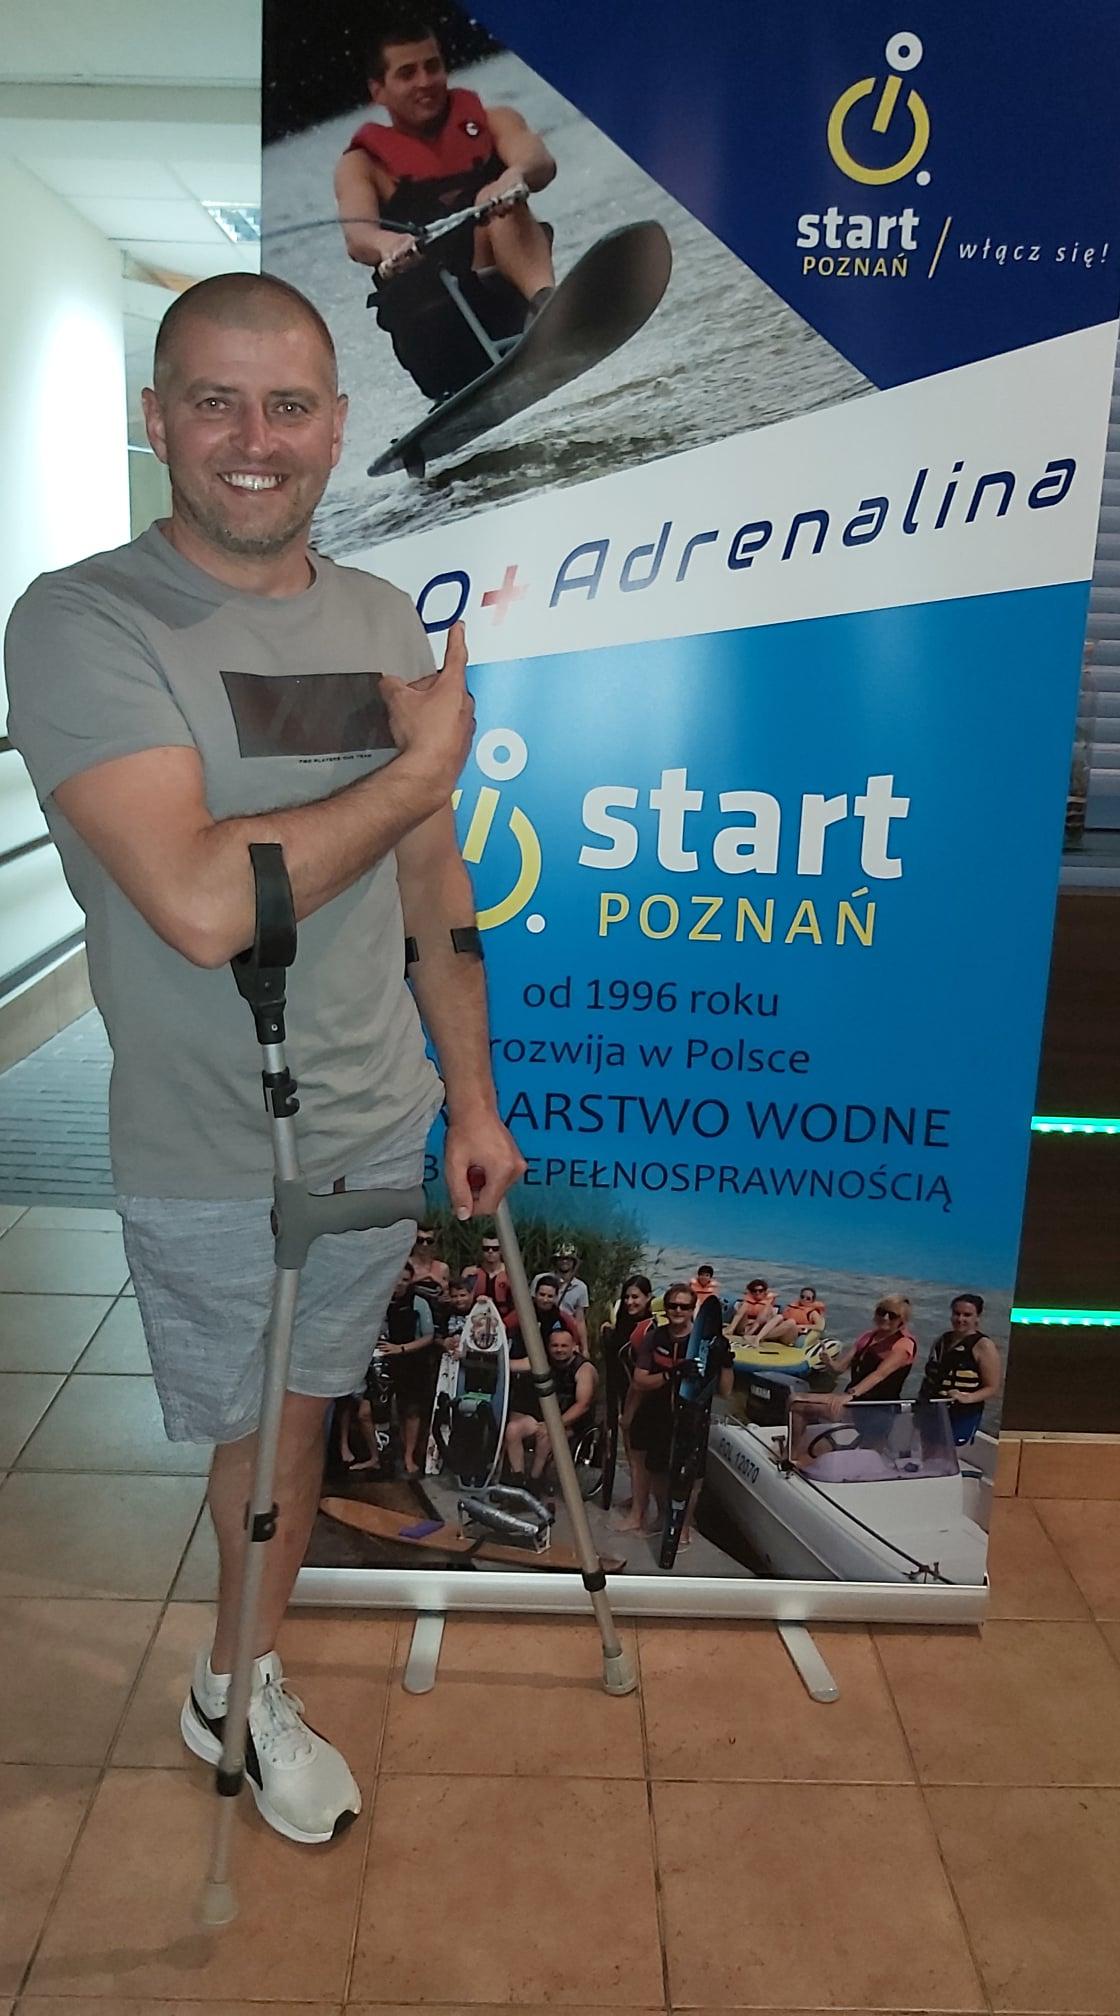 """25 lat programu """"H2O +Adrenalina"""" 1 - Start Poznań"""